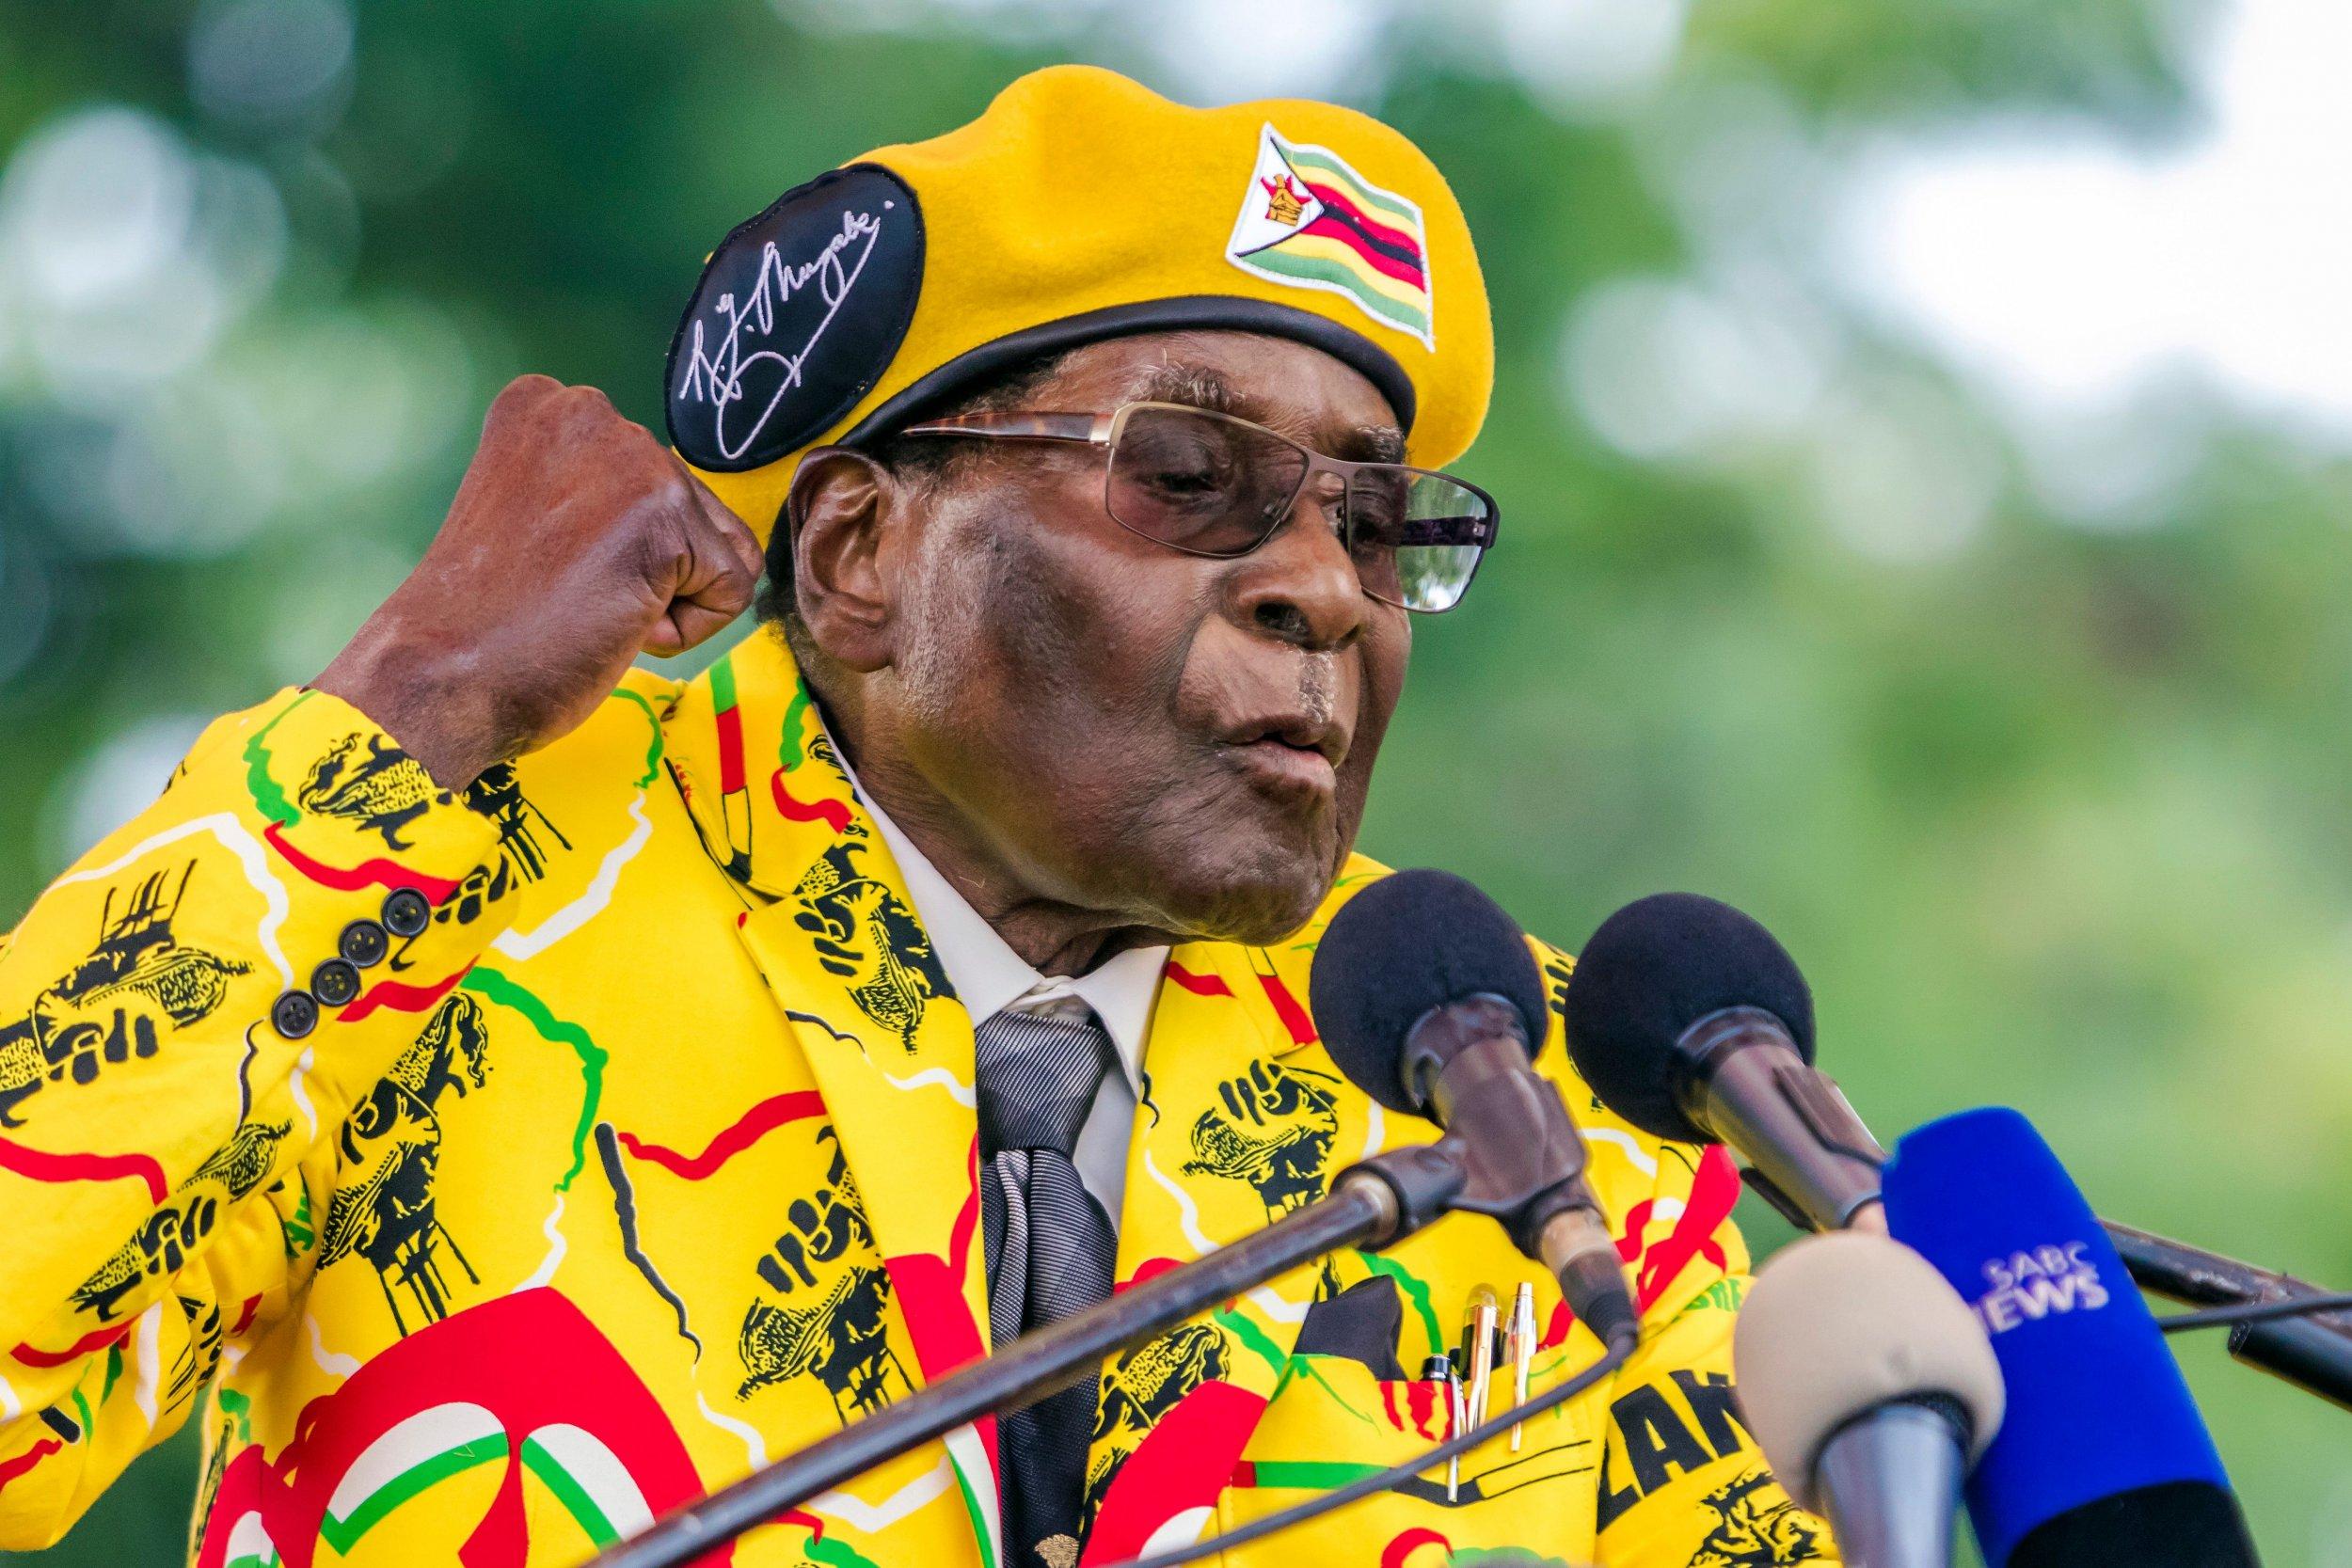 GettyImages-871721880 Robert Mugabe